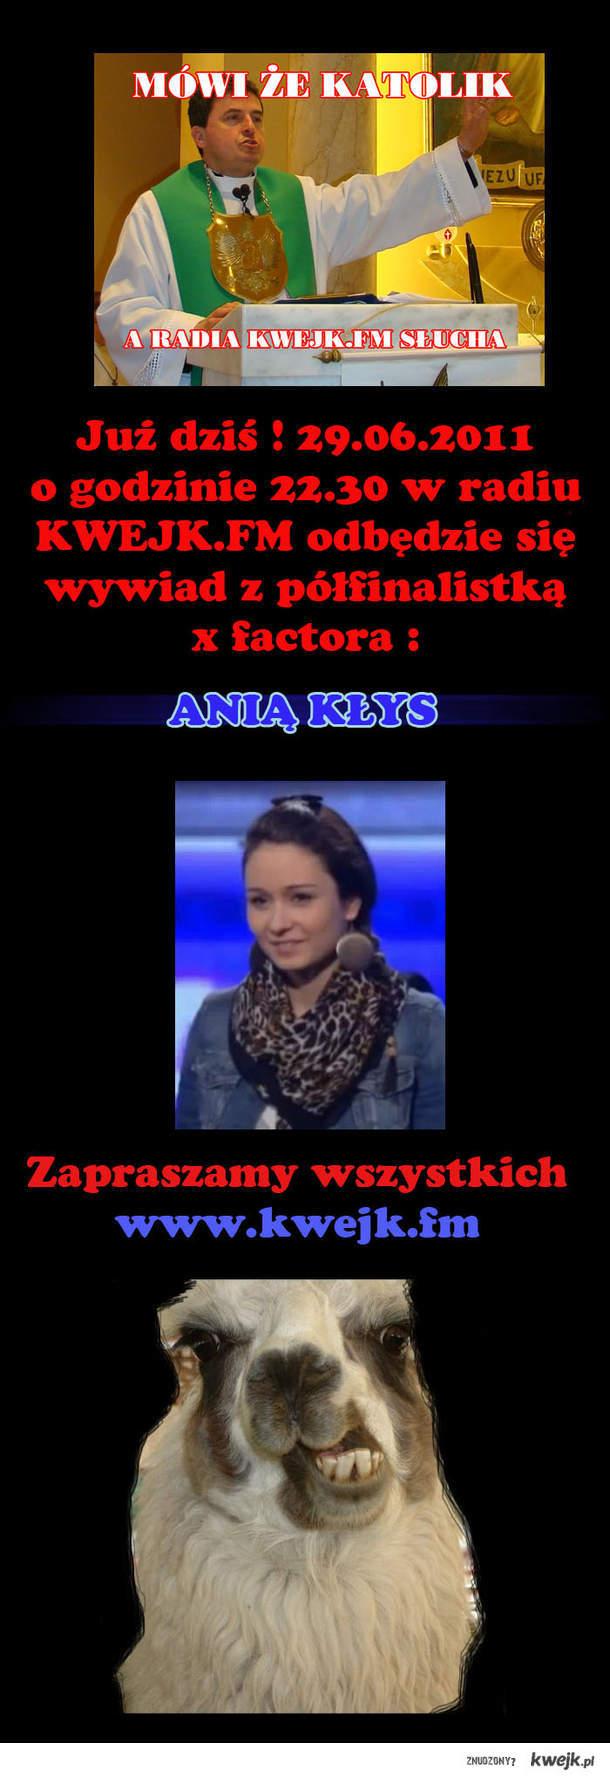 Wywiad z Anią